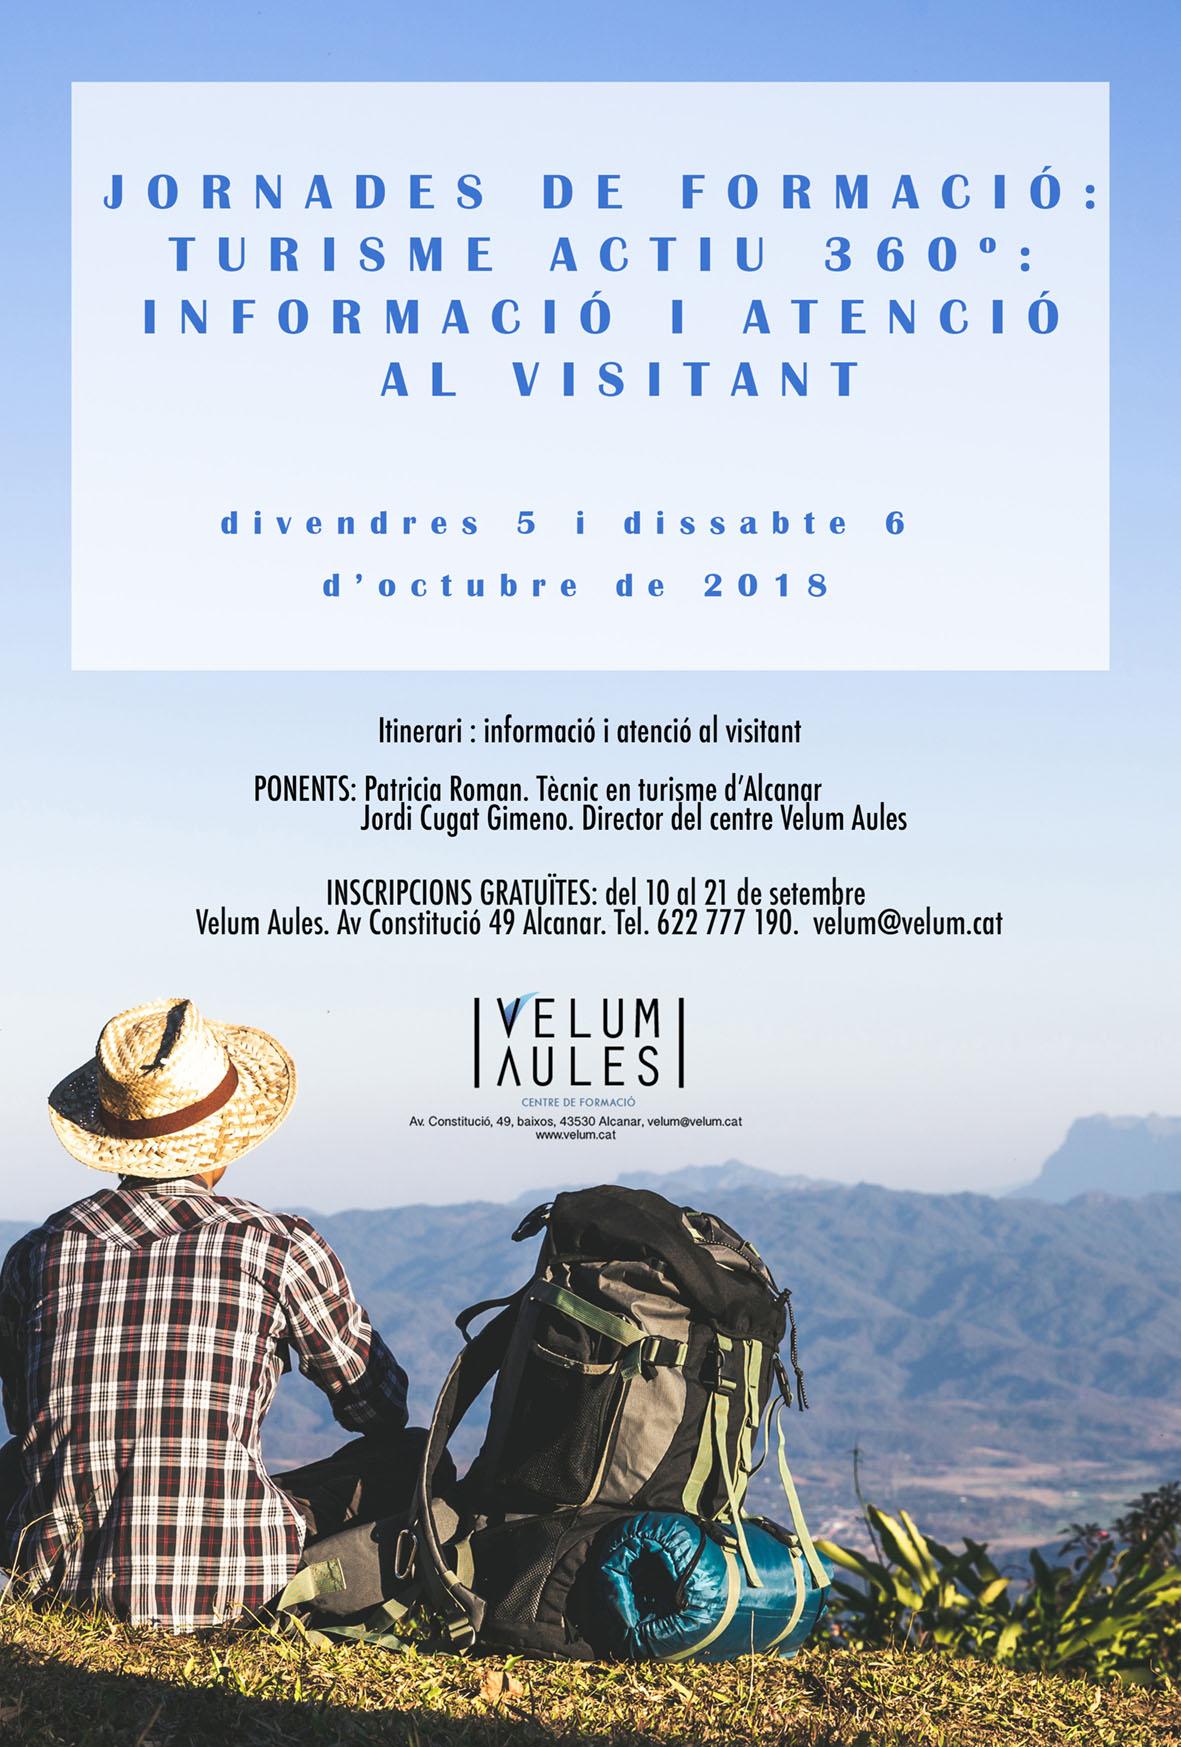 Jornades de formació: Informació i atenció al visitant.